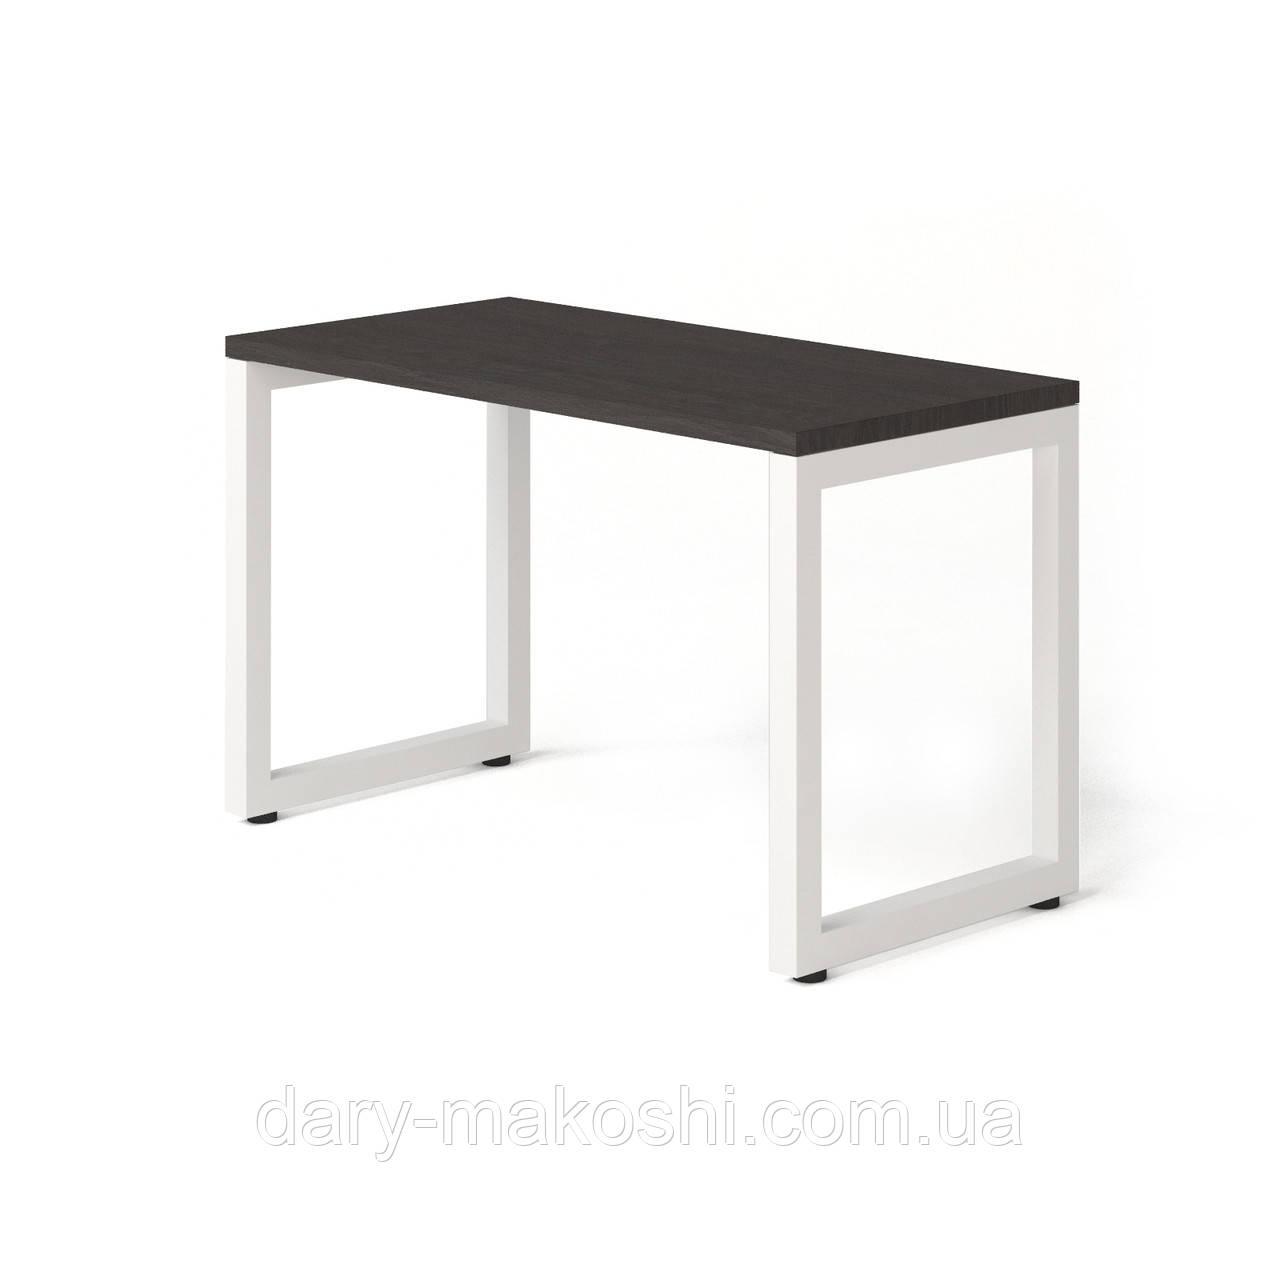 Стол Тавол КС 8.3 металл опоры белые 120смх60смх75см ДСП 32 мм Венге